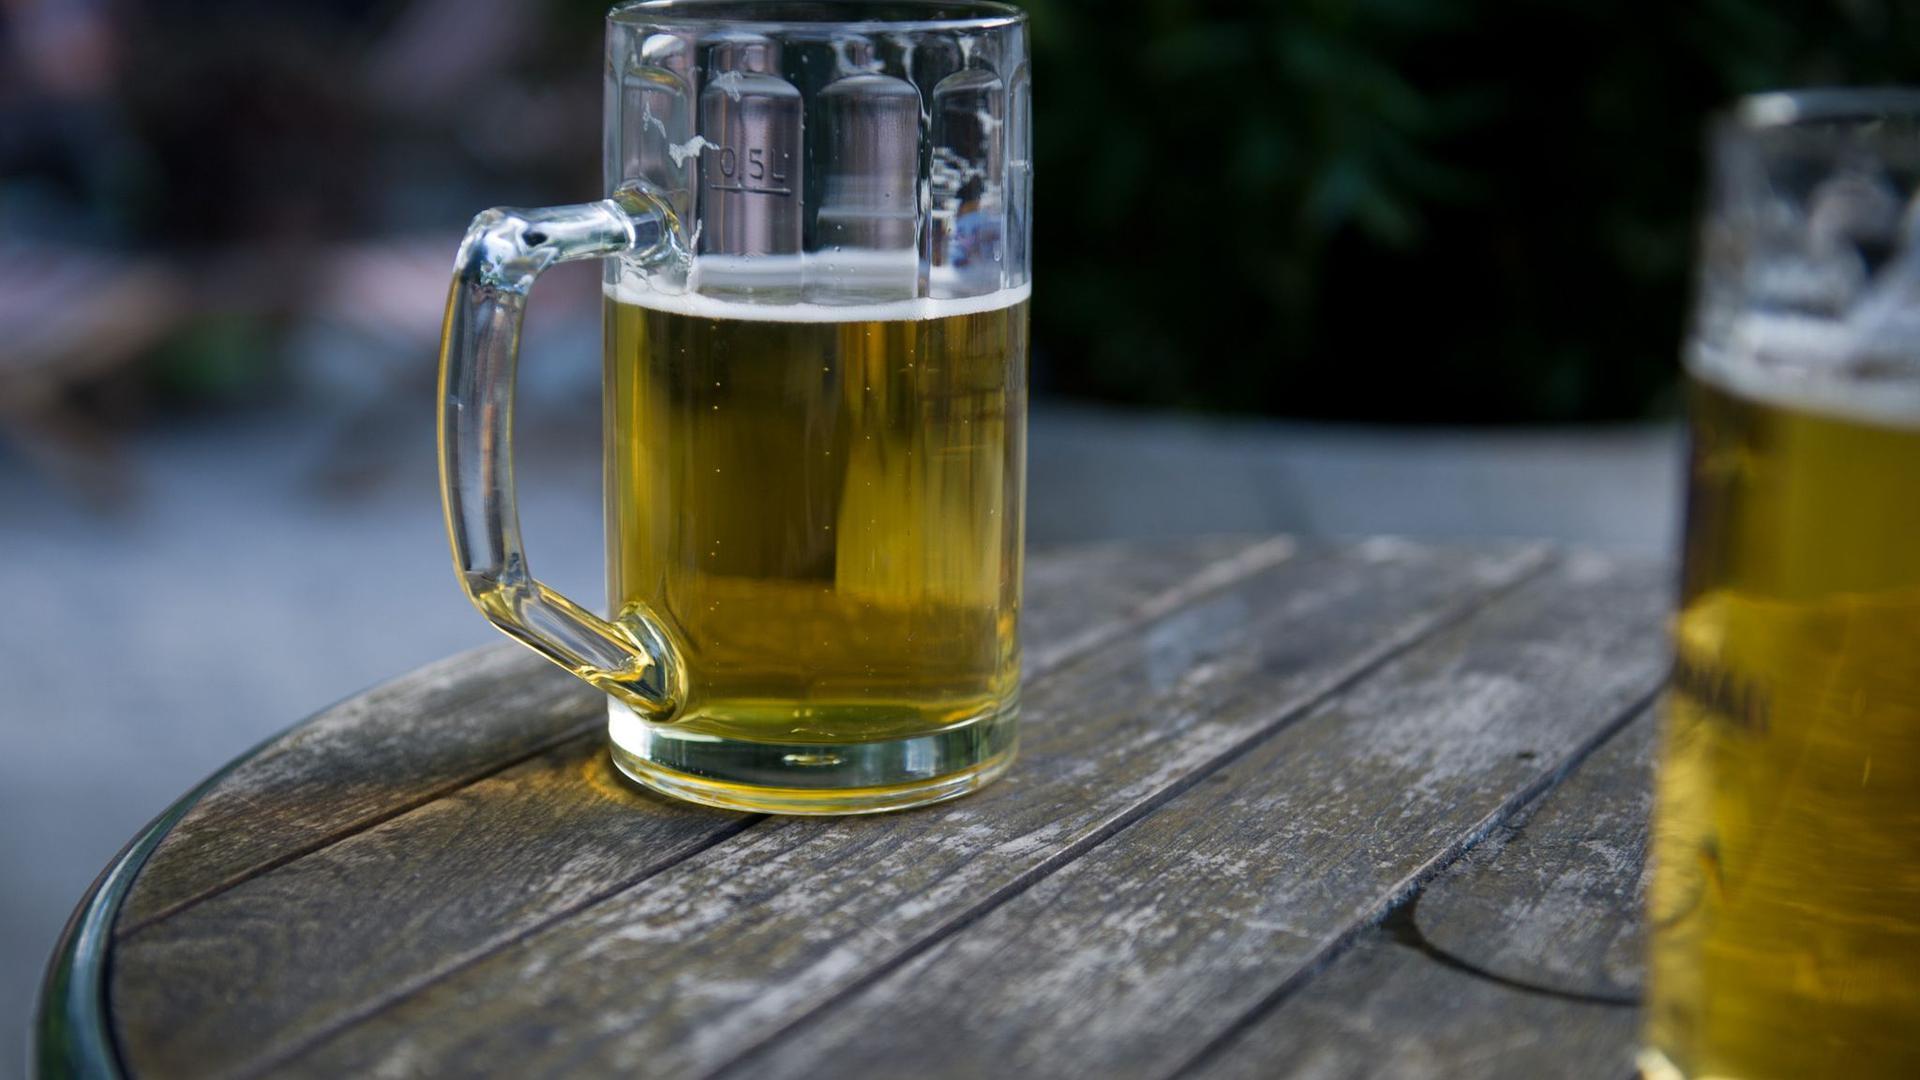 Zwei Bierkrüge stehen in einem Biergarten auf einem Tisch.